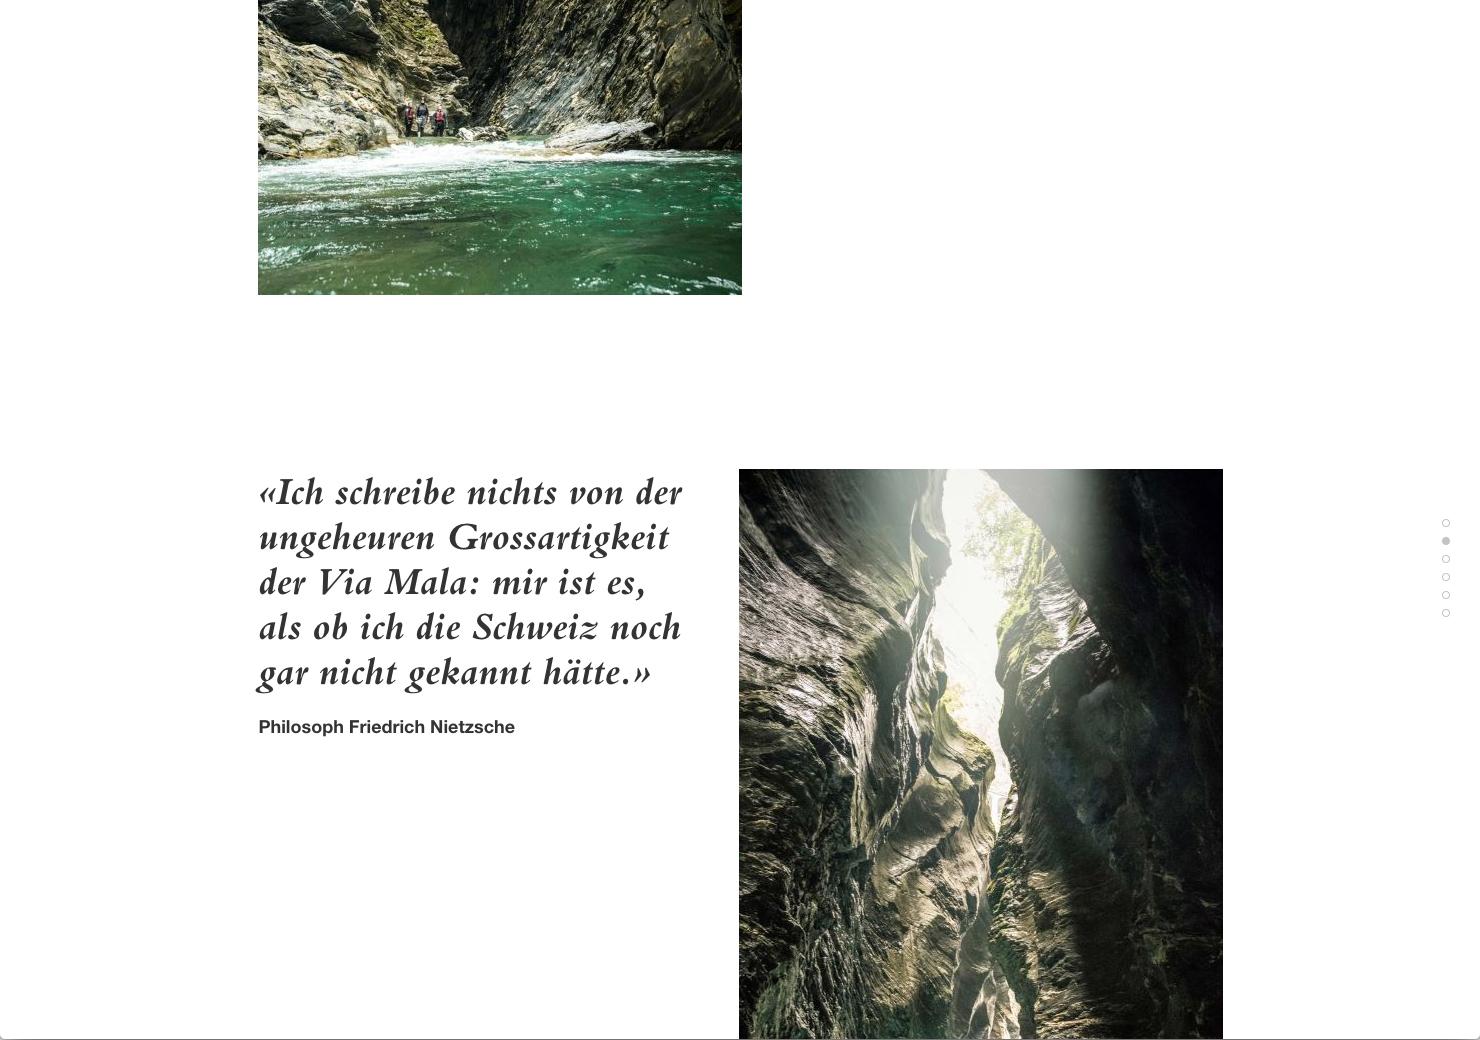 Zitat und Bild slide 8